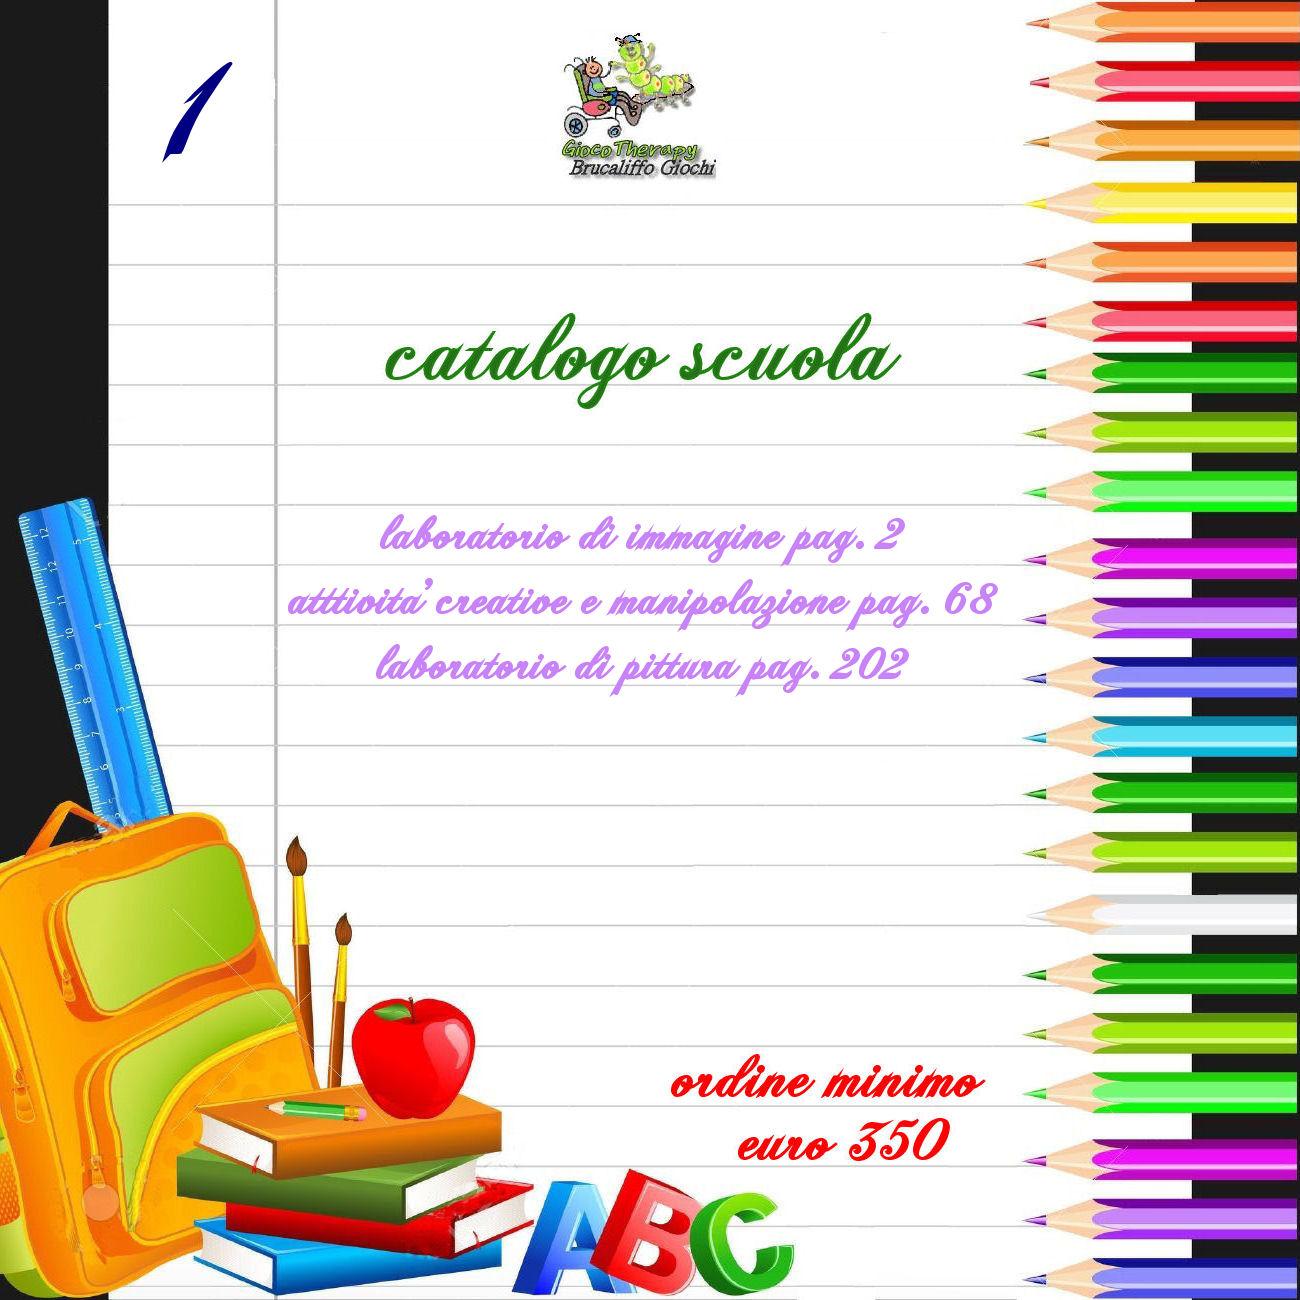 Catalogo Scuola 2015- 2016